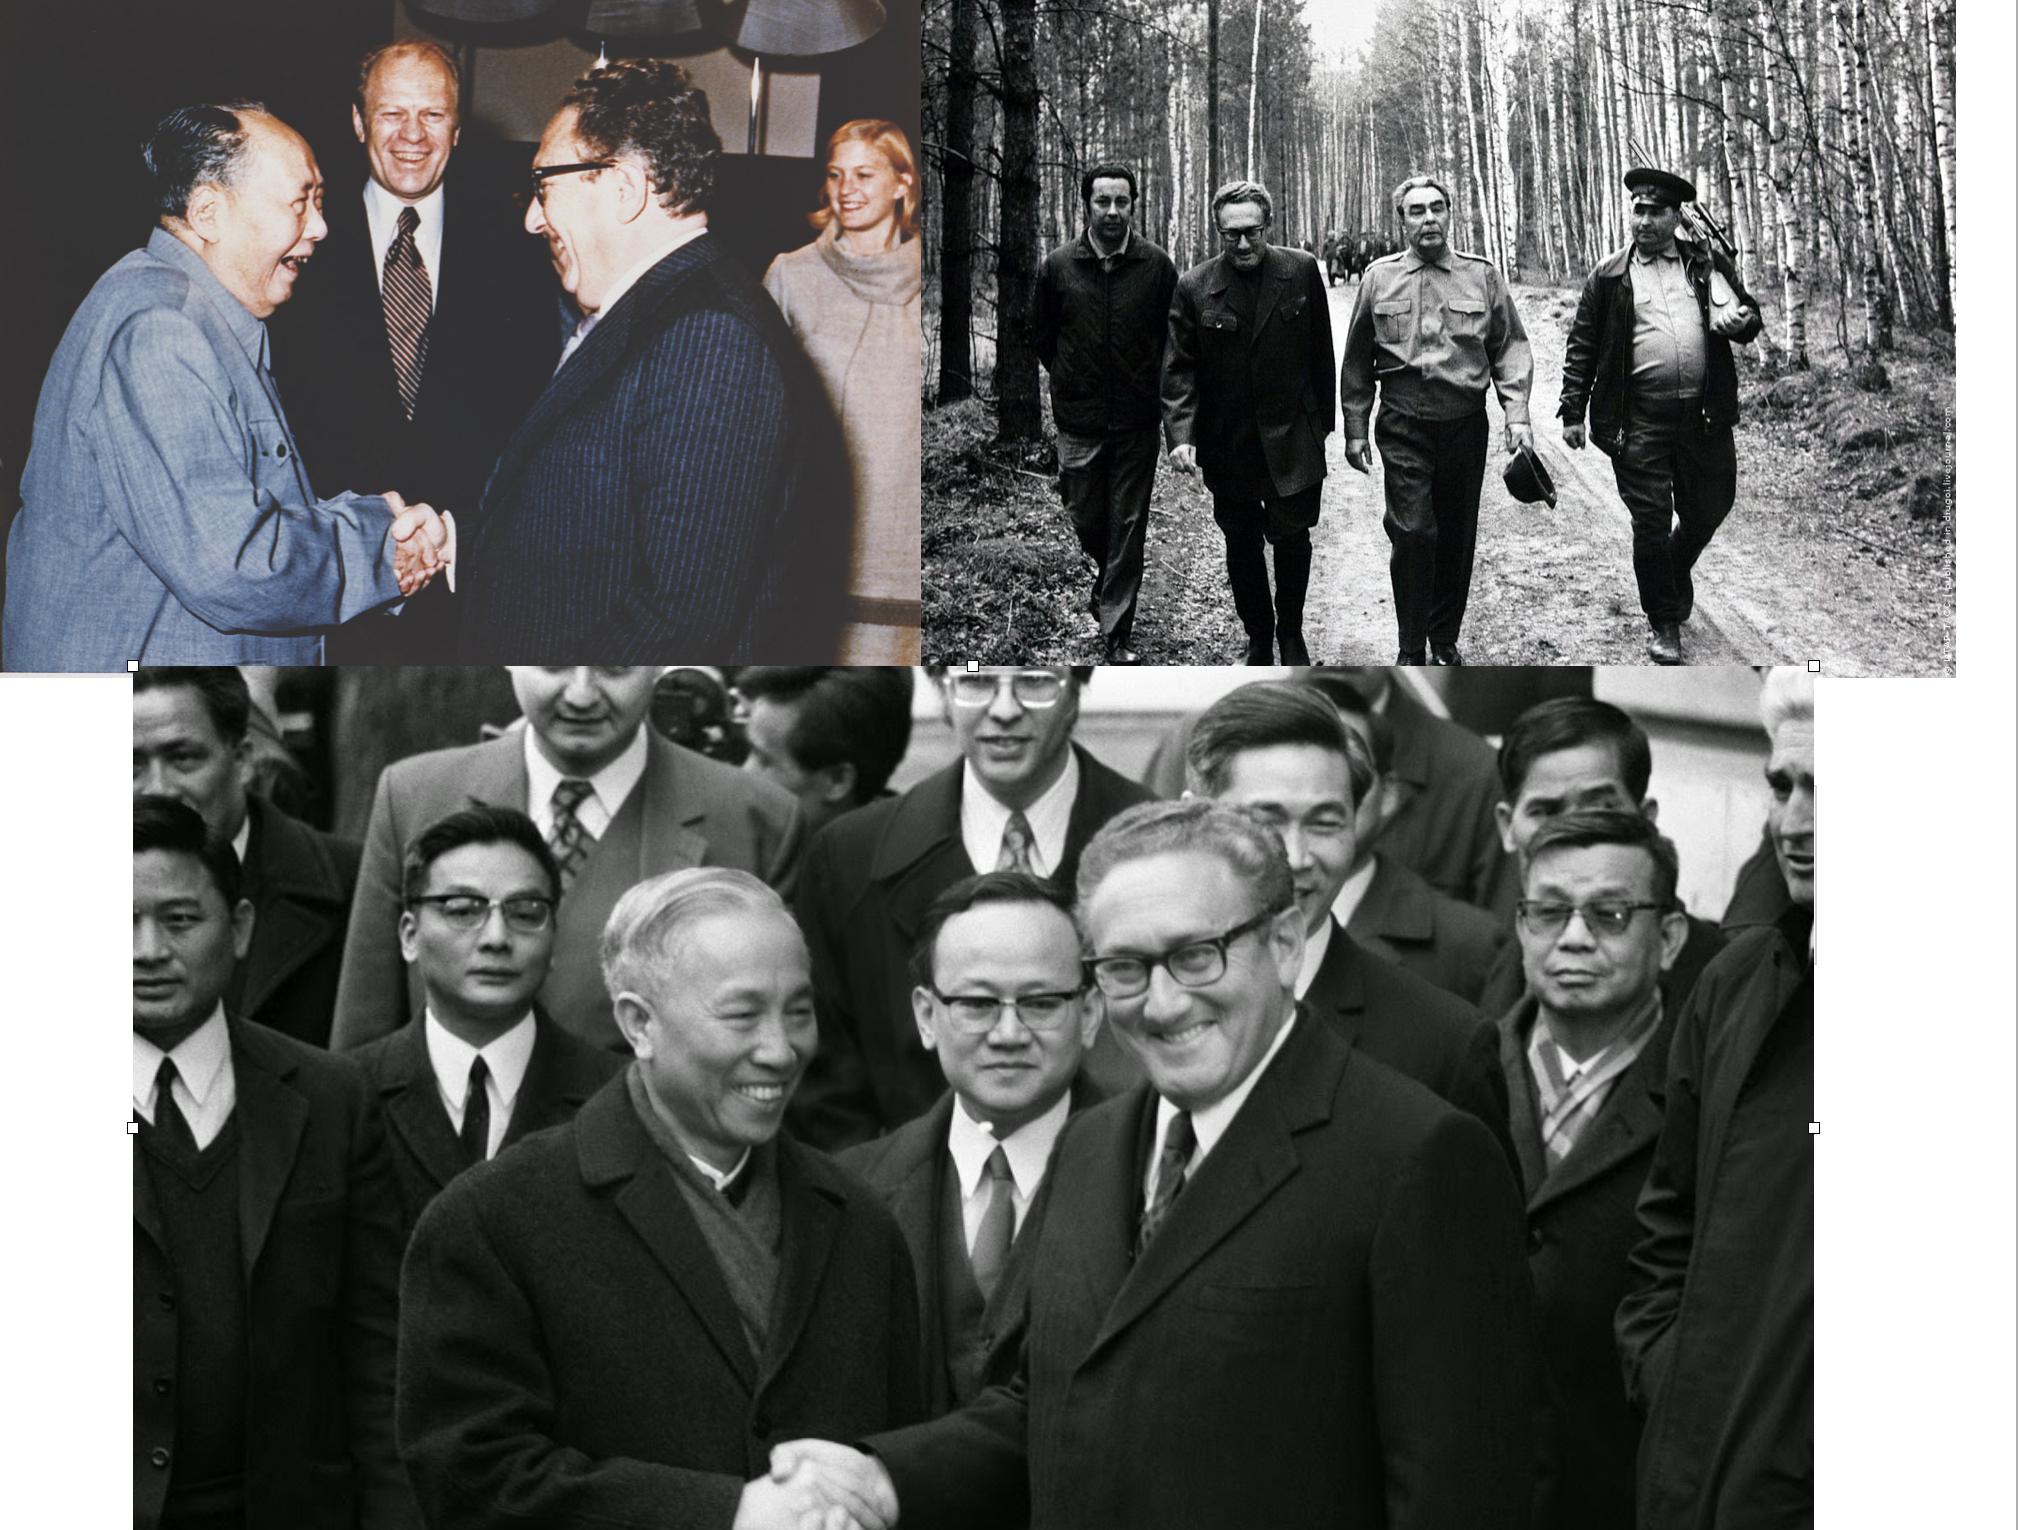 Kissinger con el lider Mao tse-Tung (izquierda), con el lider de la Unión Soviética Leonid Breznev, y abajo con el lider y guerrillero de vietnam del Norte, Le Duc Tho.